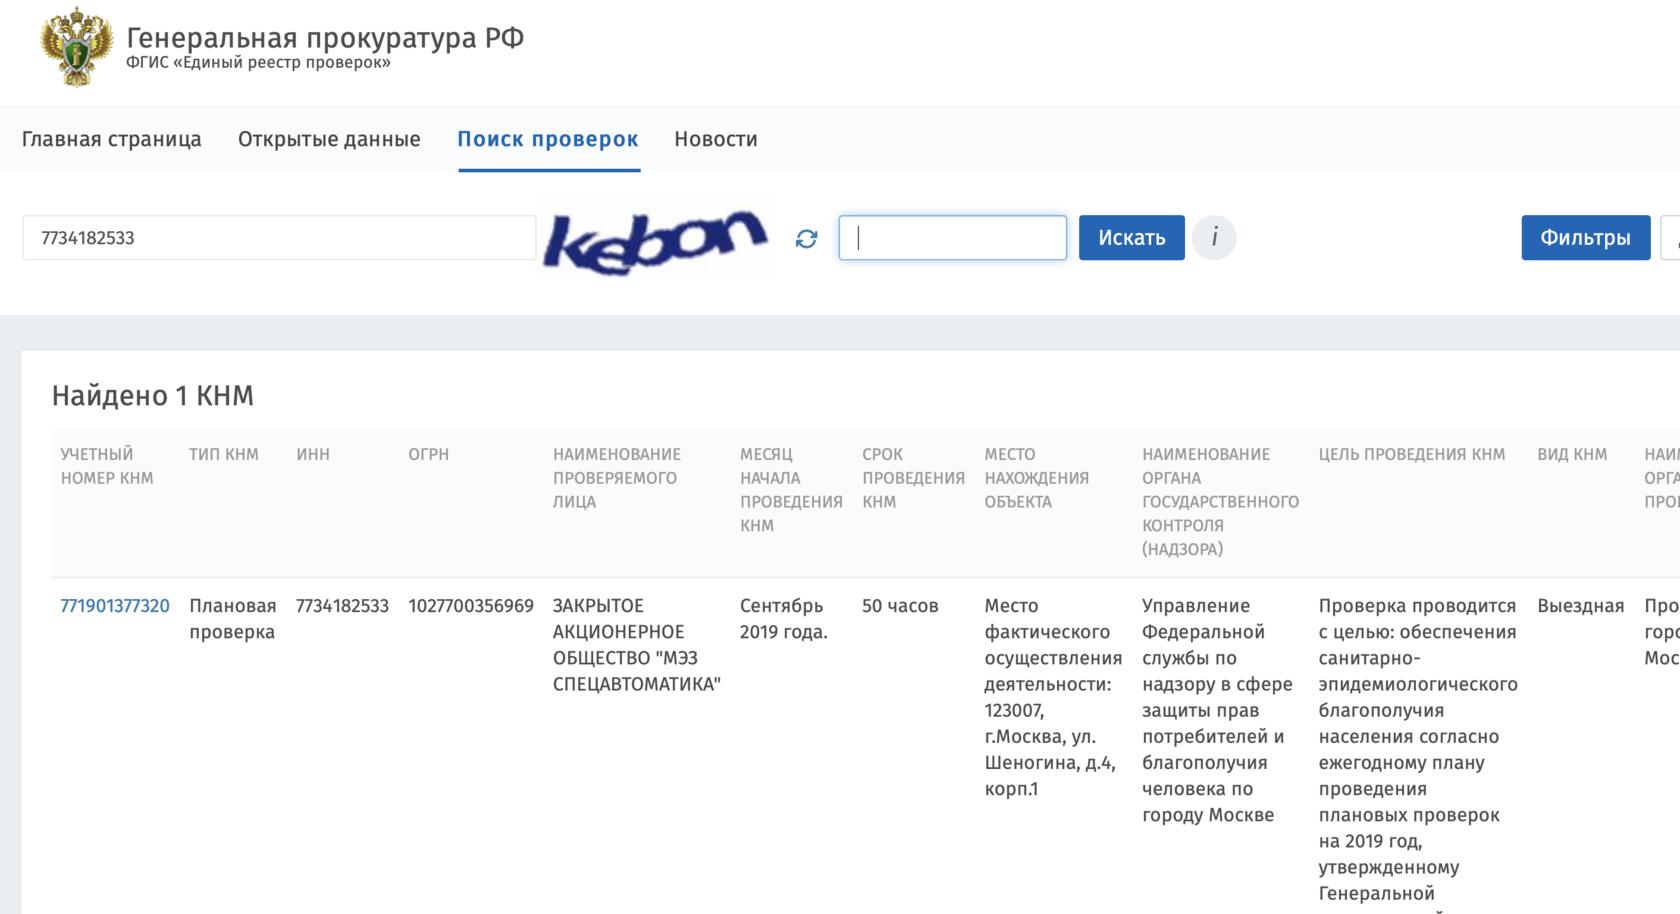 Проверки компании на сайте прокуратуры программы на русском для создания сайтов